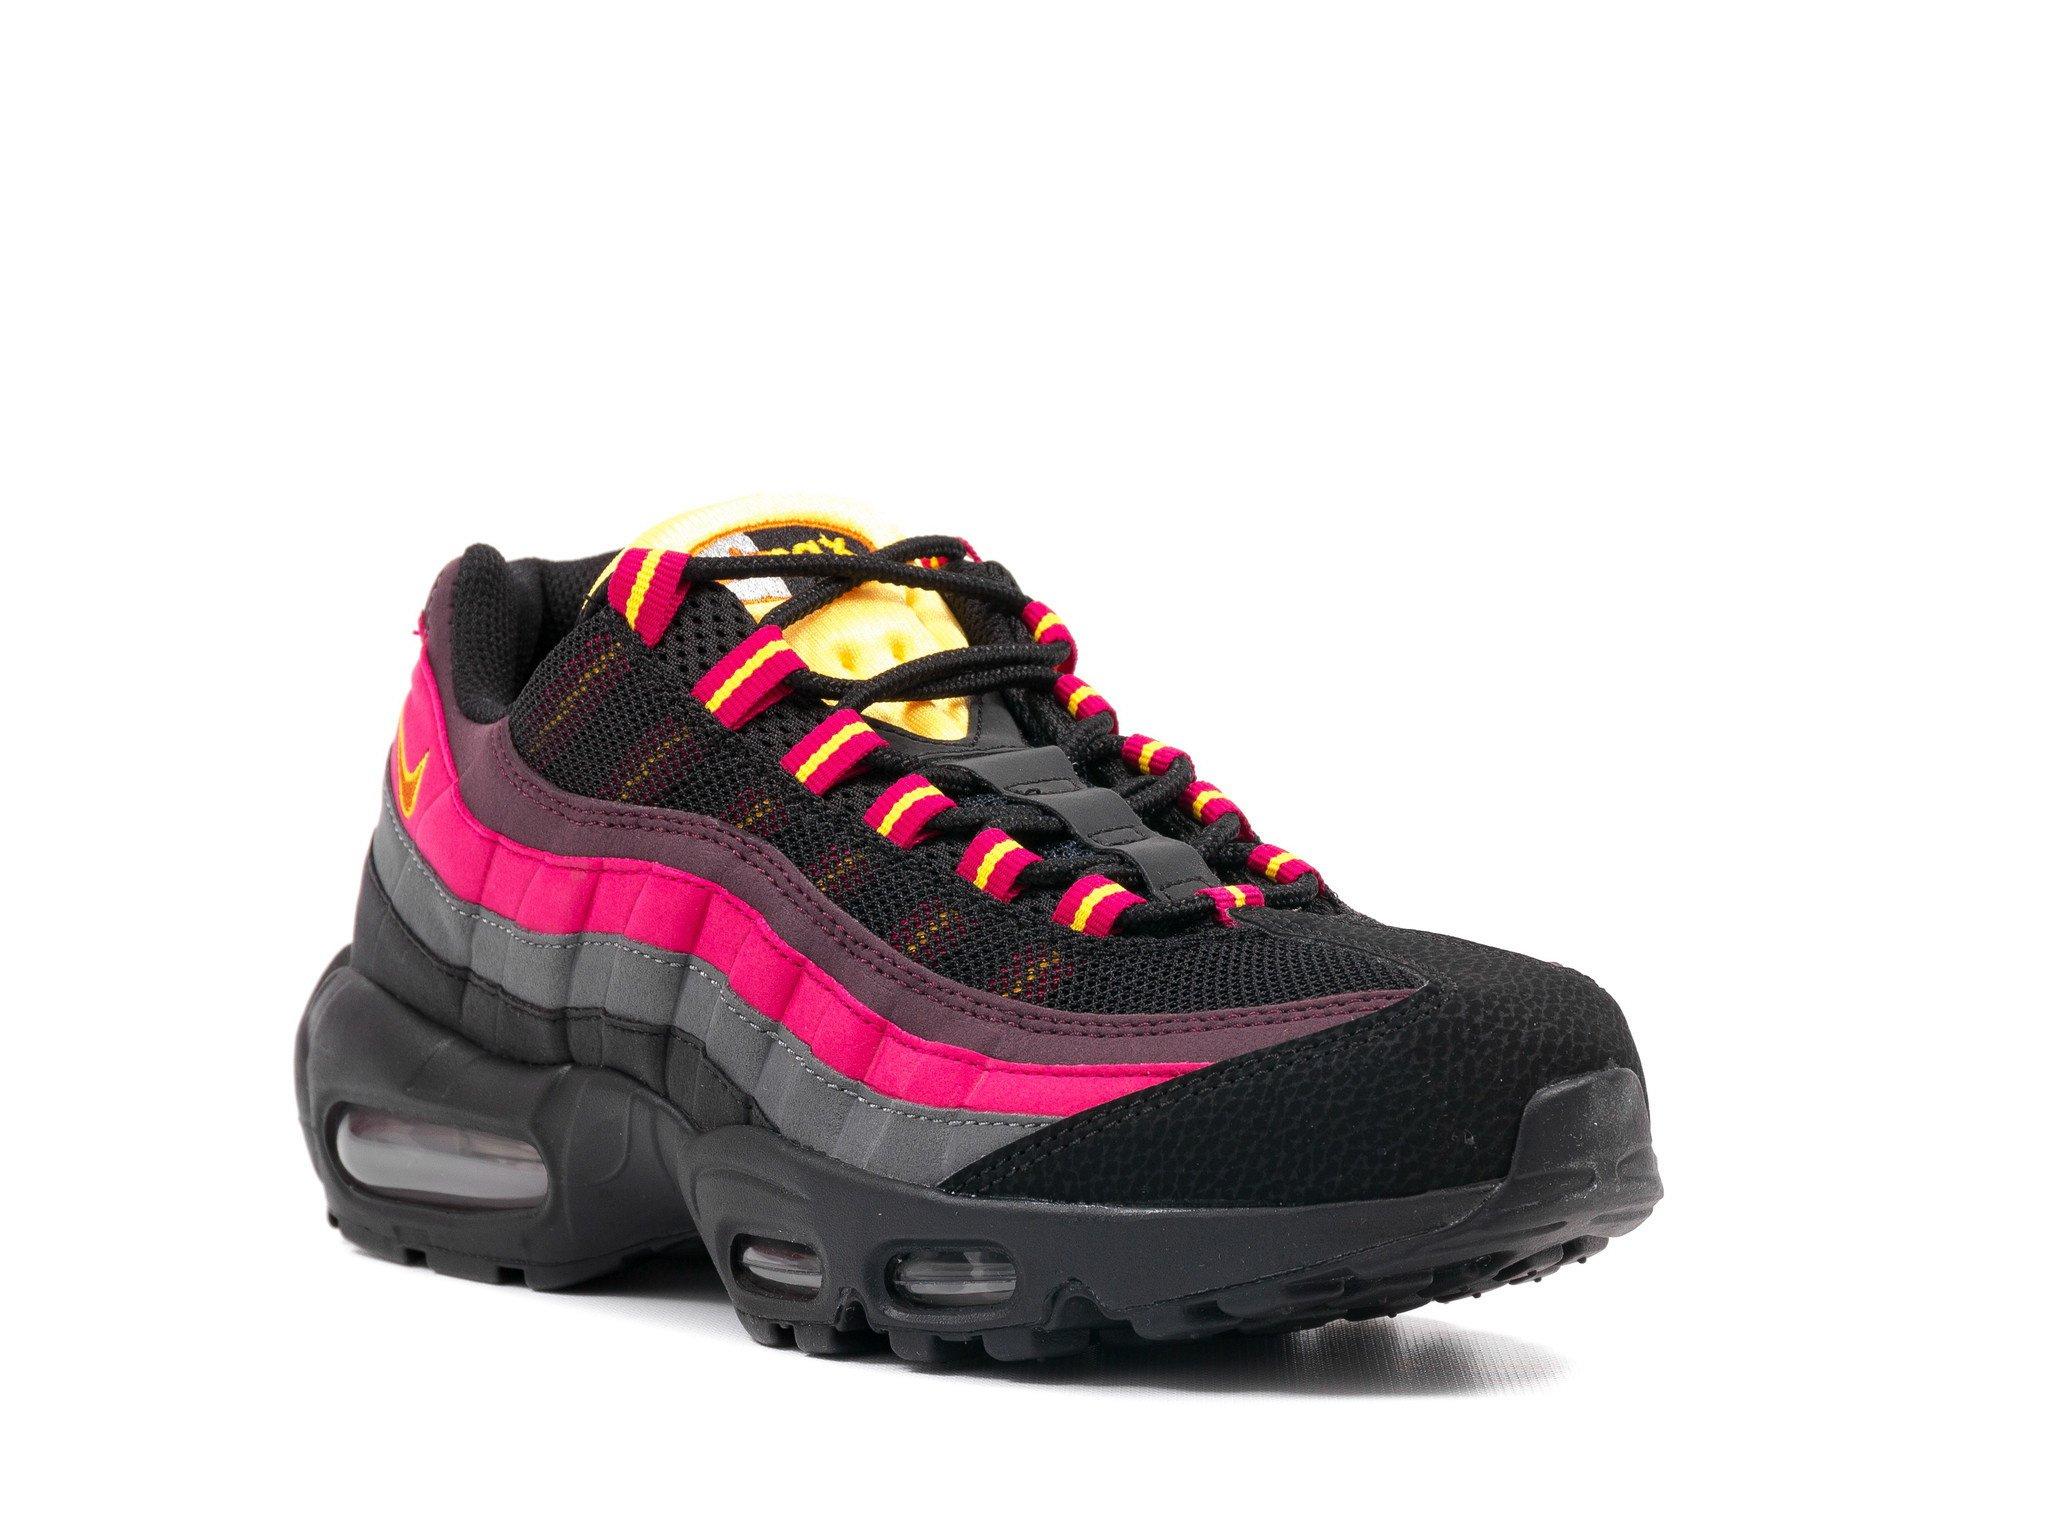 Nike Air Max 95 Men's Sneakers In Black/Tuscan Rust-Laser Orange (609048-083)